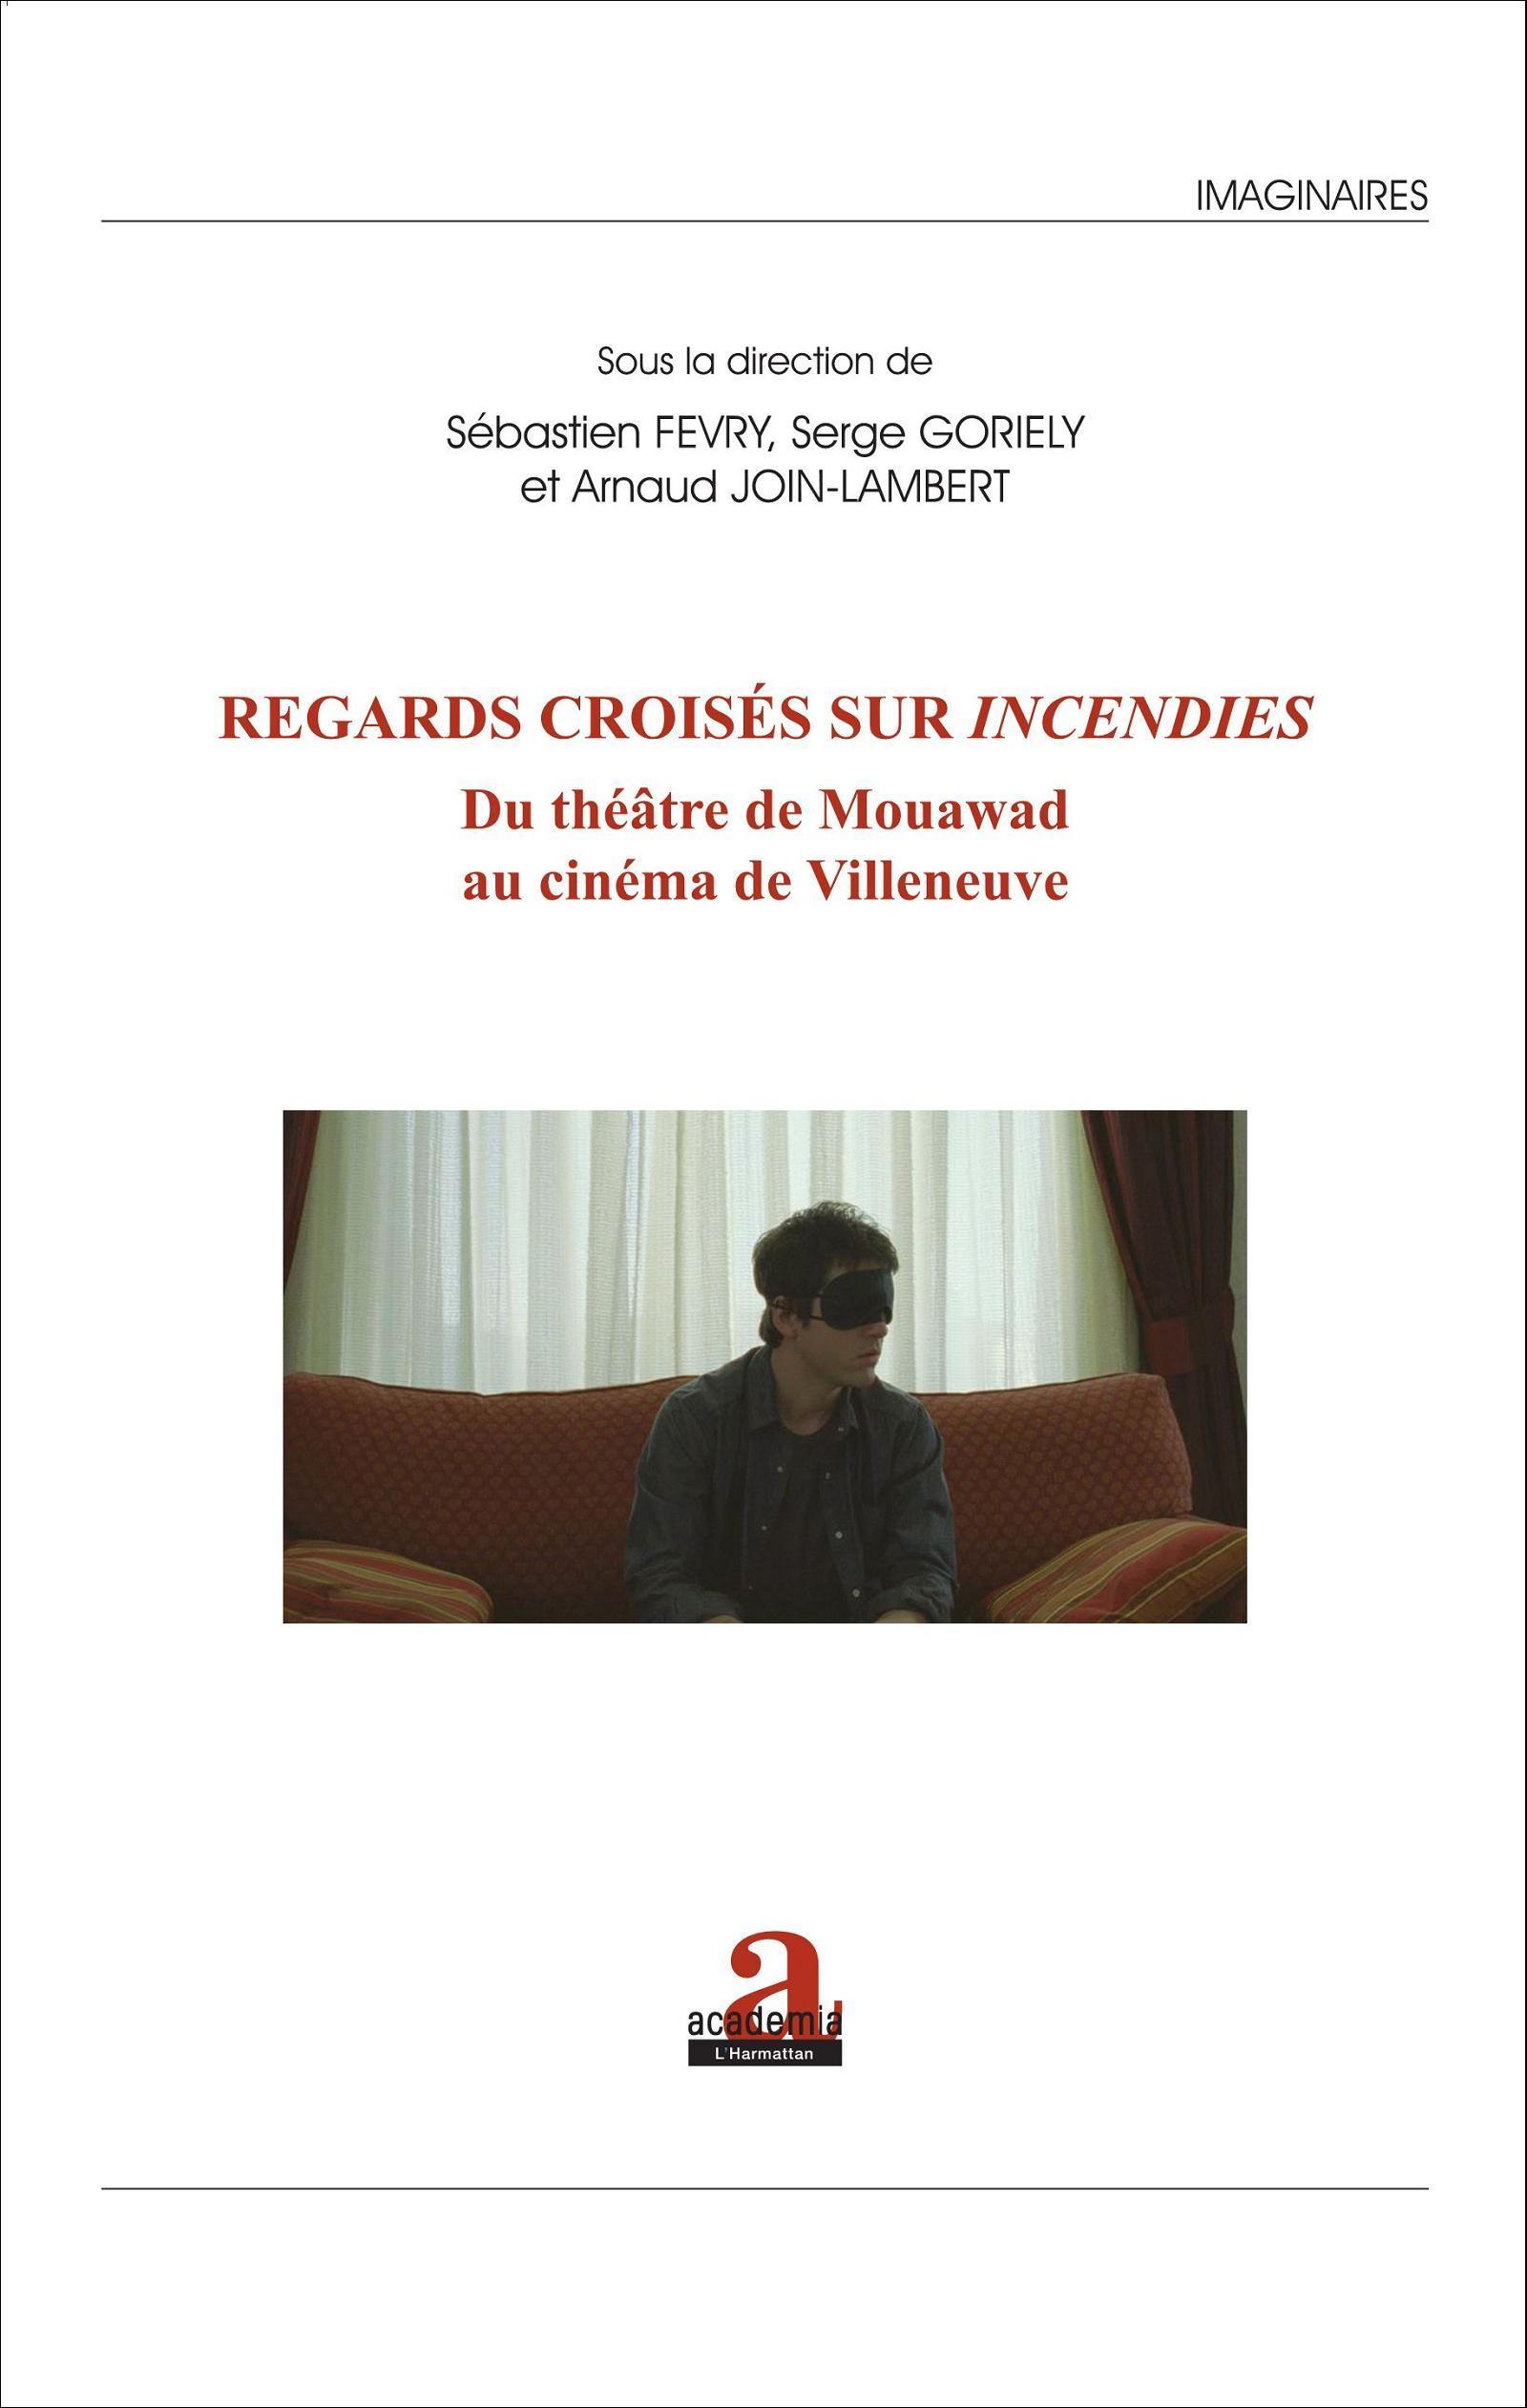 REGARDS CROISES SUR INCENDIES DU THEATRE DE MOUAWAD AU CINEMA DE VILLENEUVE